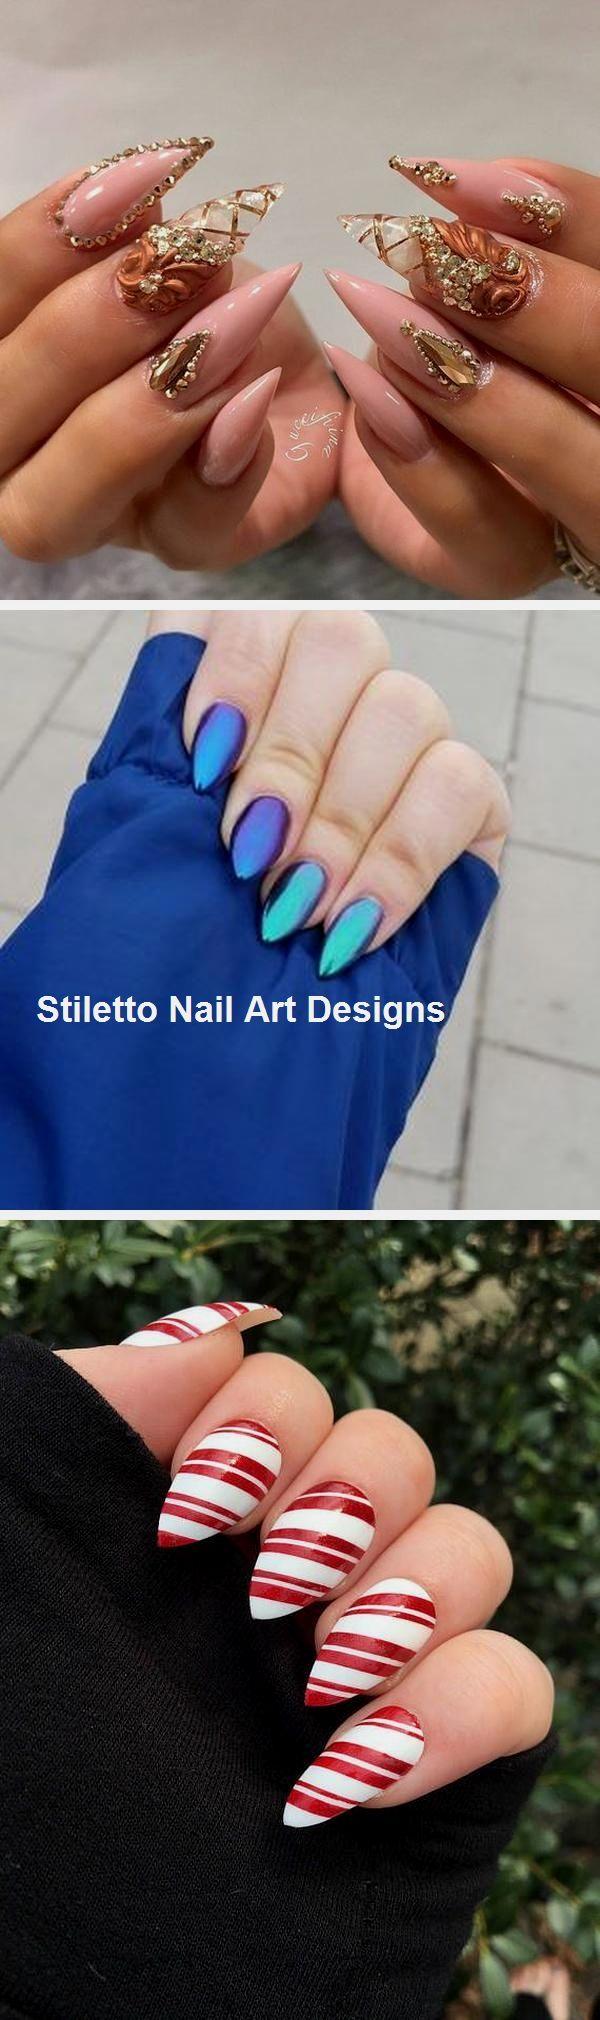 30 große Stiletto Nail Art Design-Ideen #naildesign #nailart – Trendige nägel